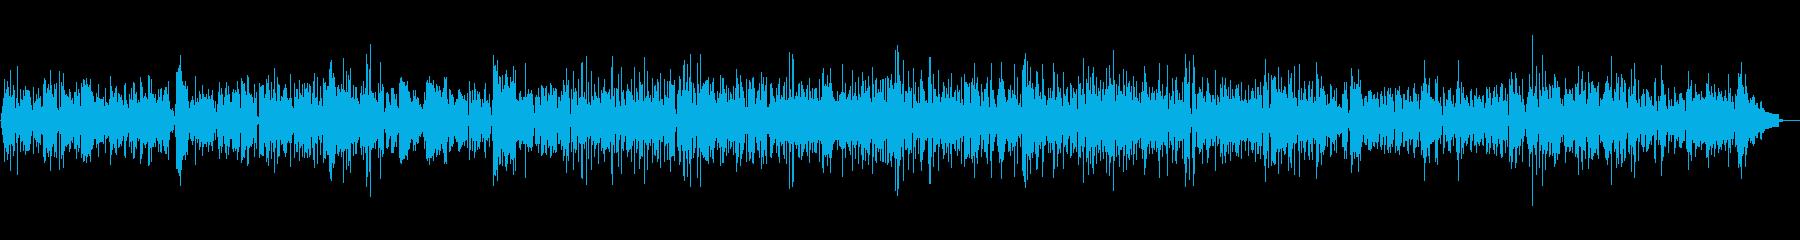 しっとり聴きたい大人のジャズバラードの再生済みの波形